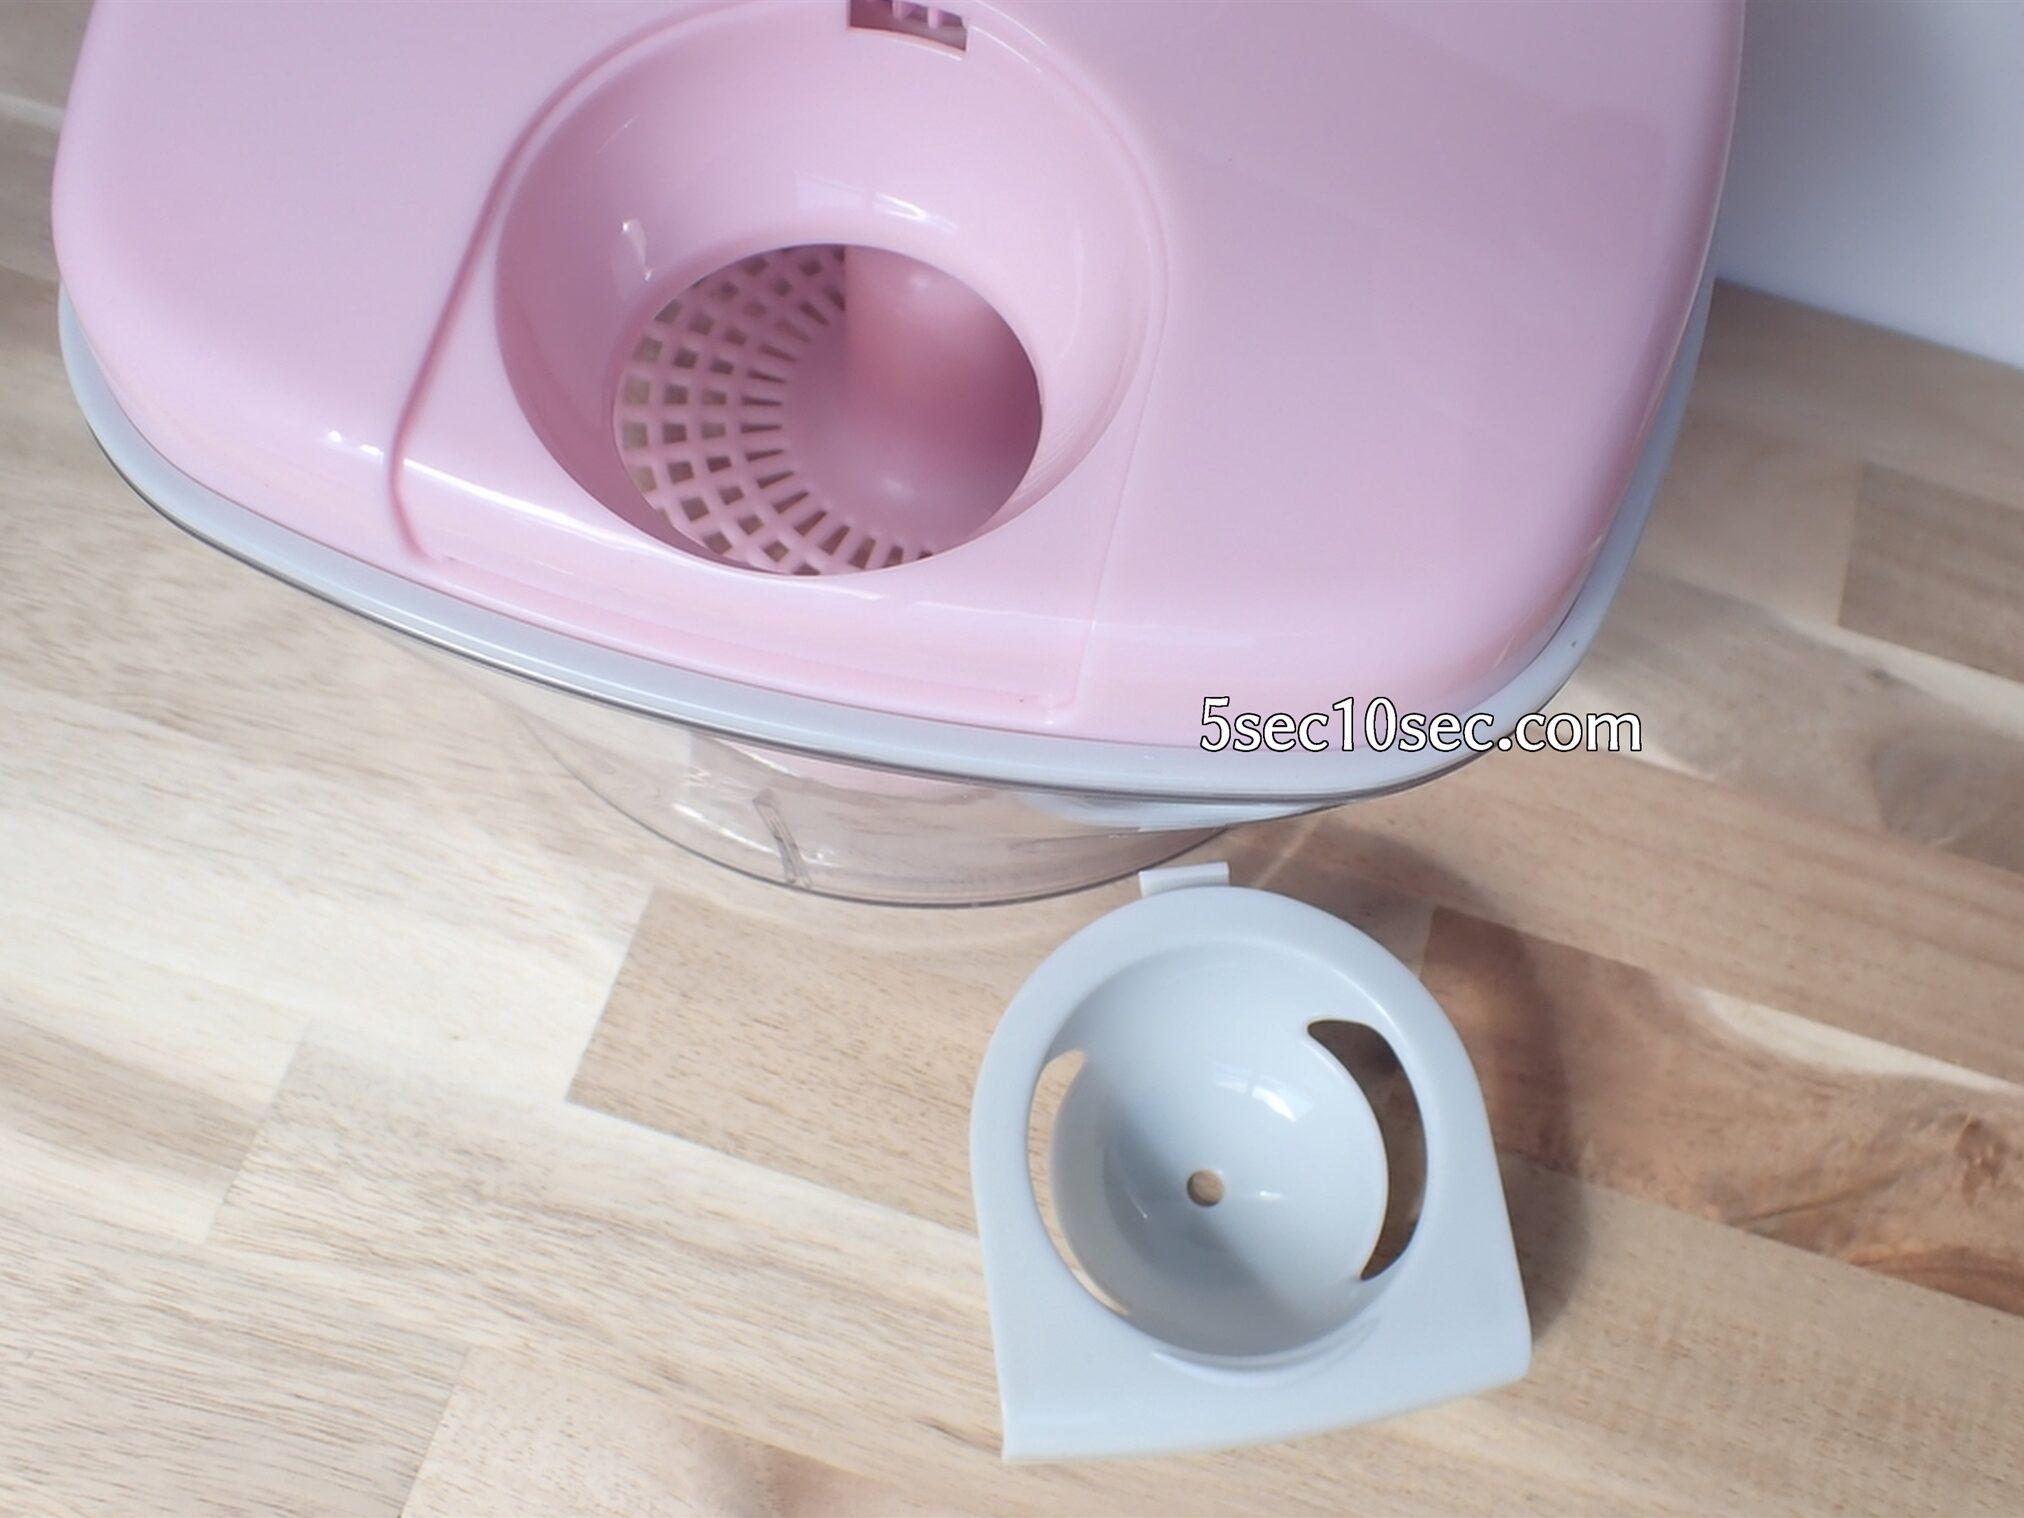 貝印 KHS スピーディーチョッパー L 品番DH2084 エッグセパレーターは取り外して、具材を追加できるし、お皿に黄身を移すときも簡単です